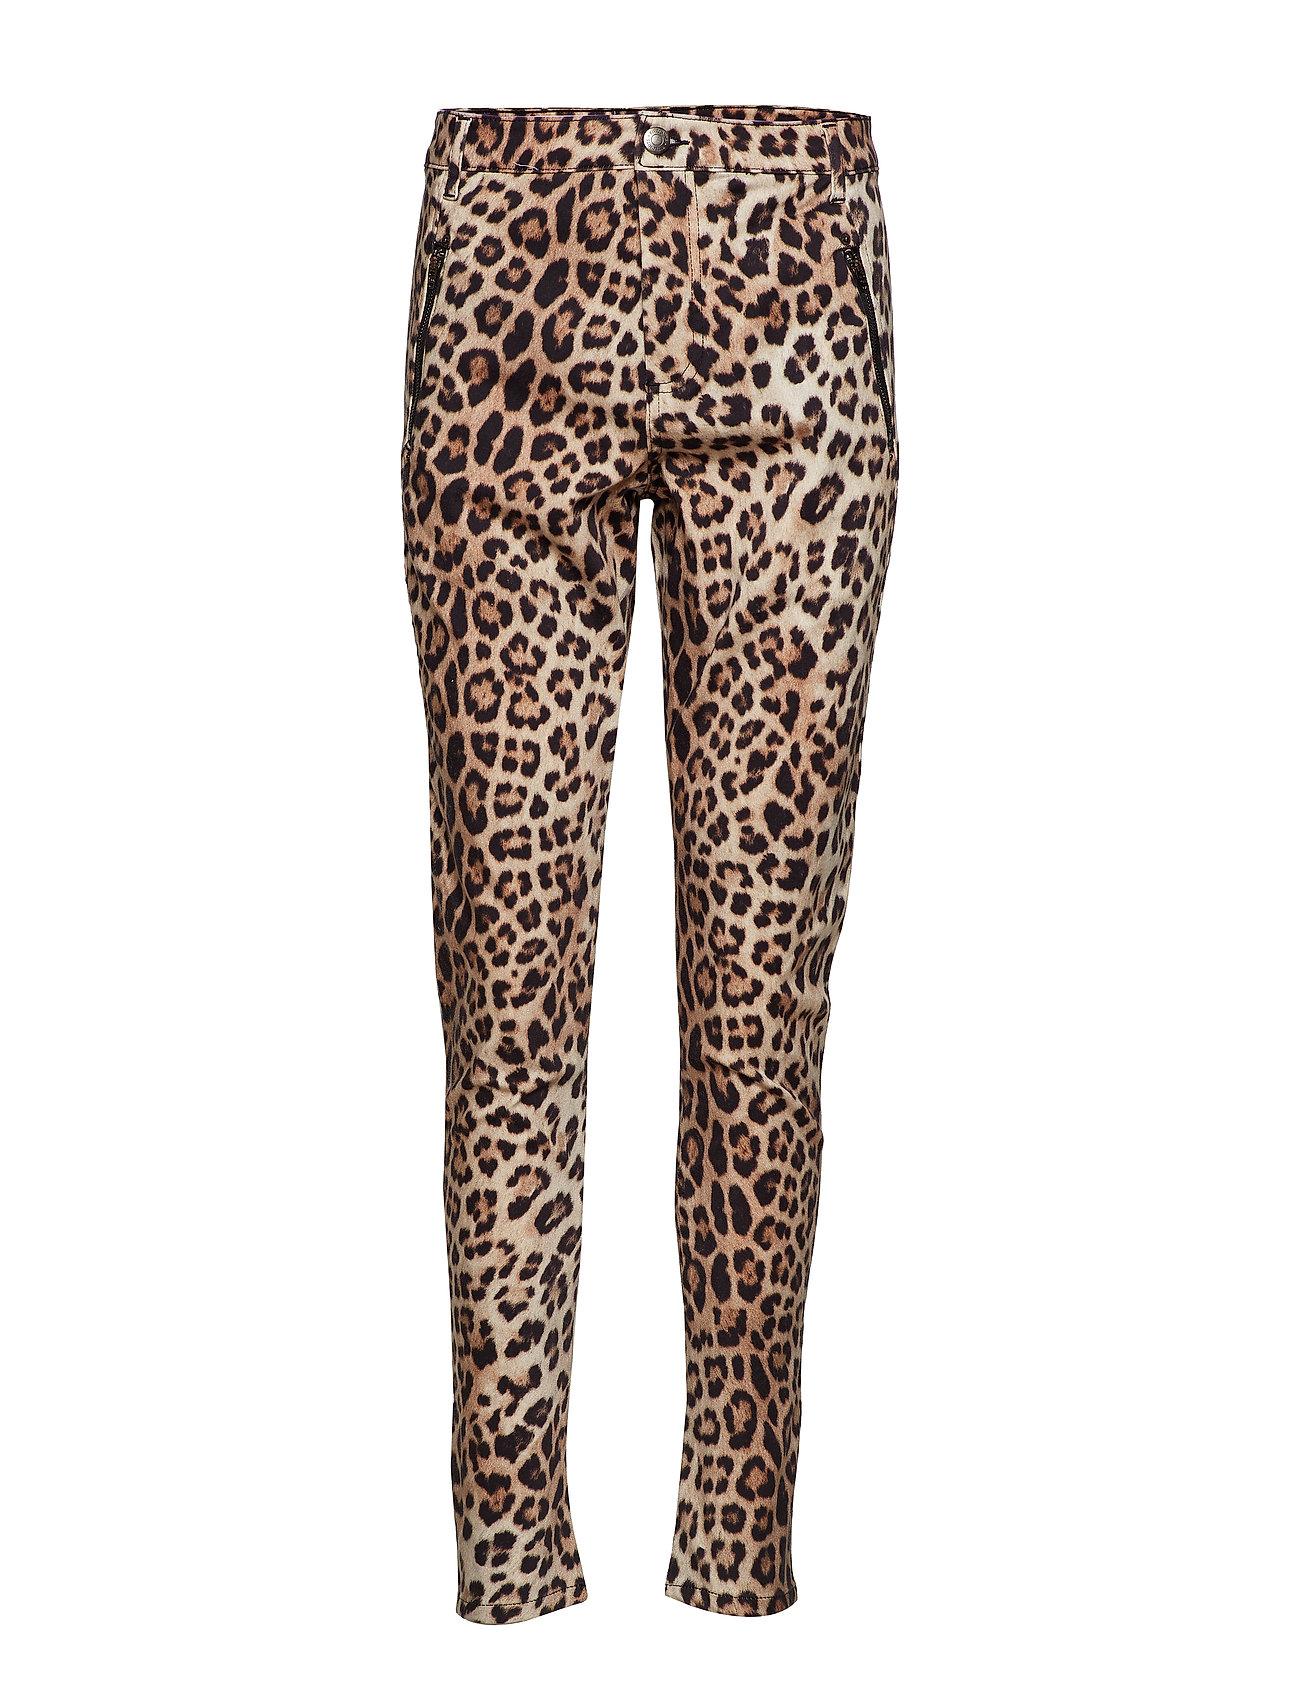 FIVEUNITS Jolie 606 Drifter, Leopard, Pants